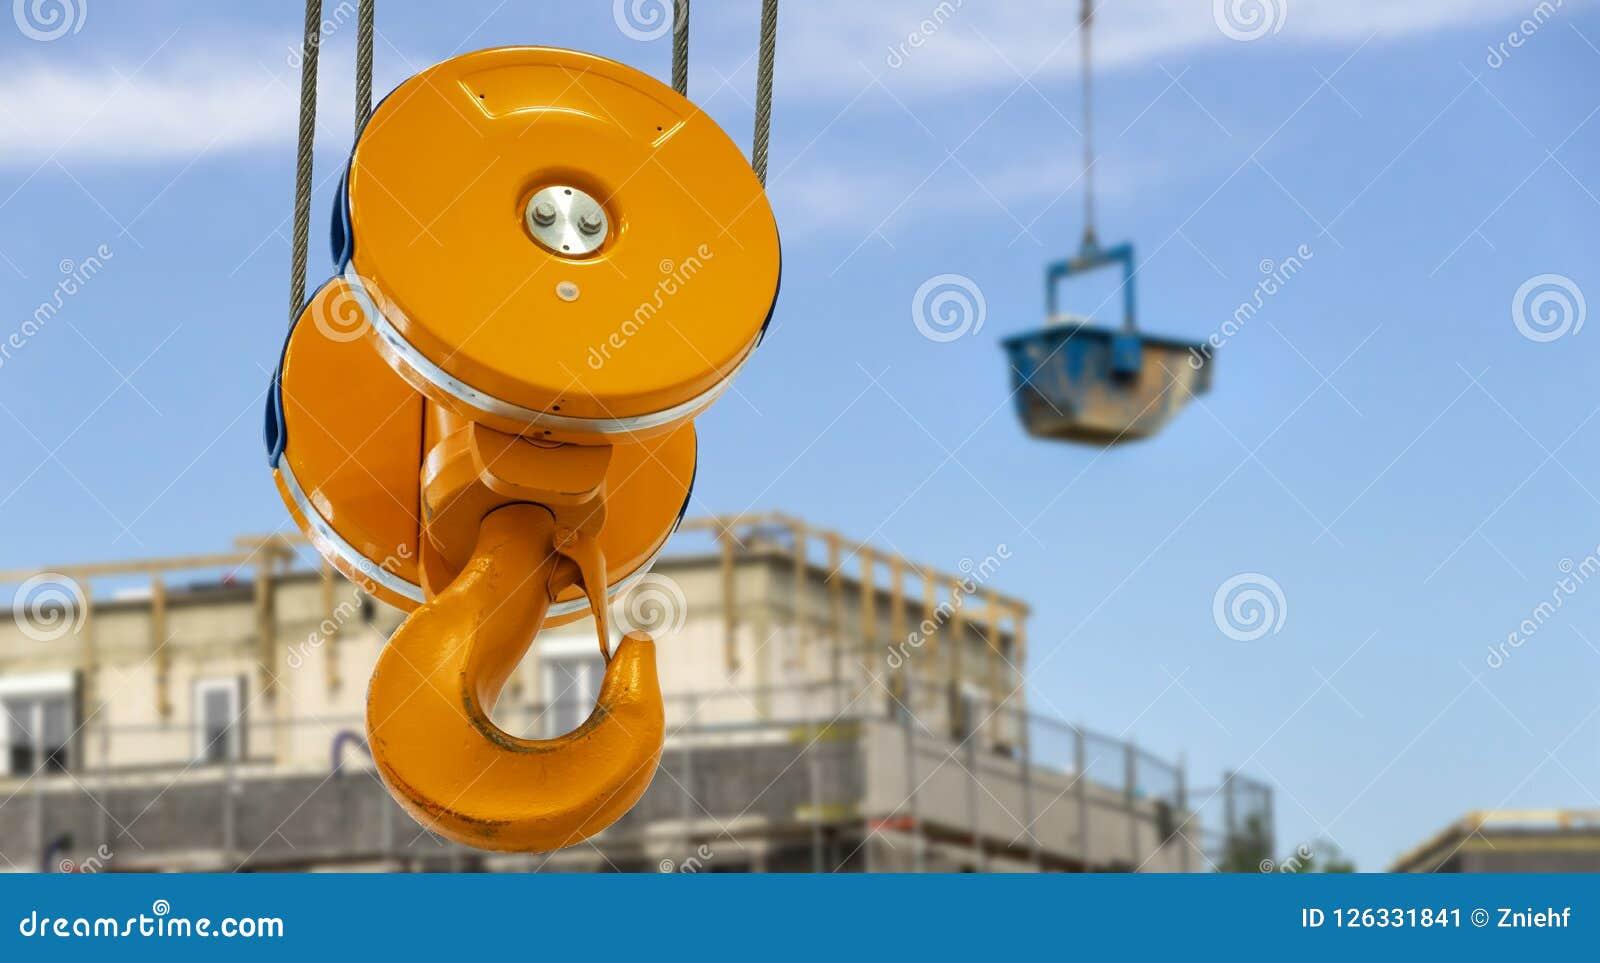 Le grand crochet devant un récipient bleu avec des matériaux de construction flotte au-dessus du chantier de construction avec la